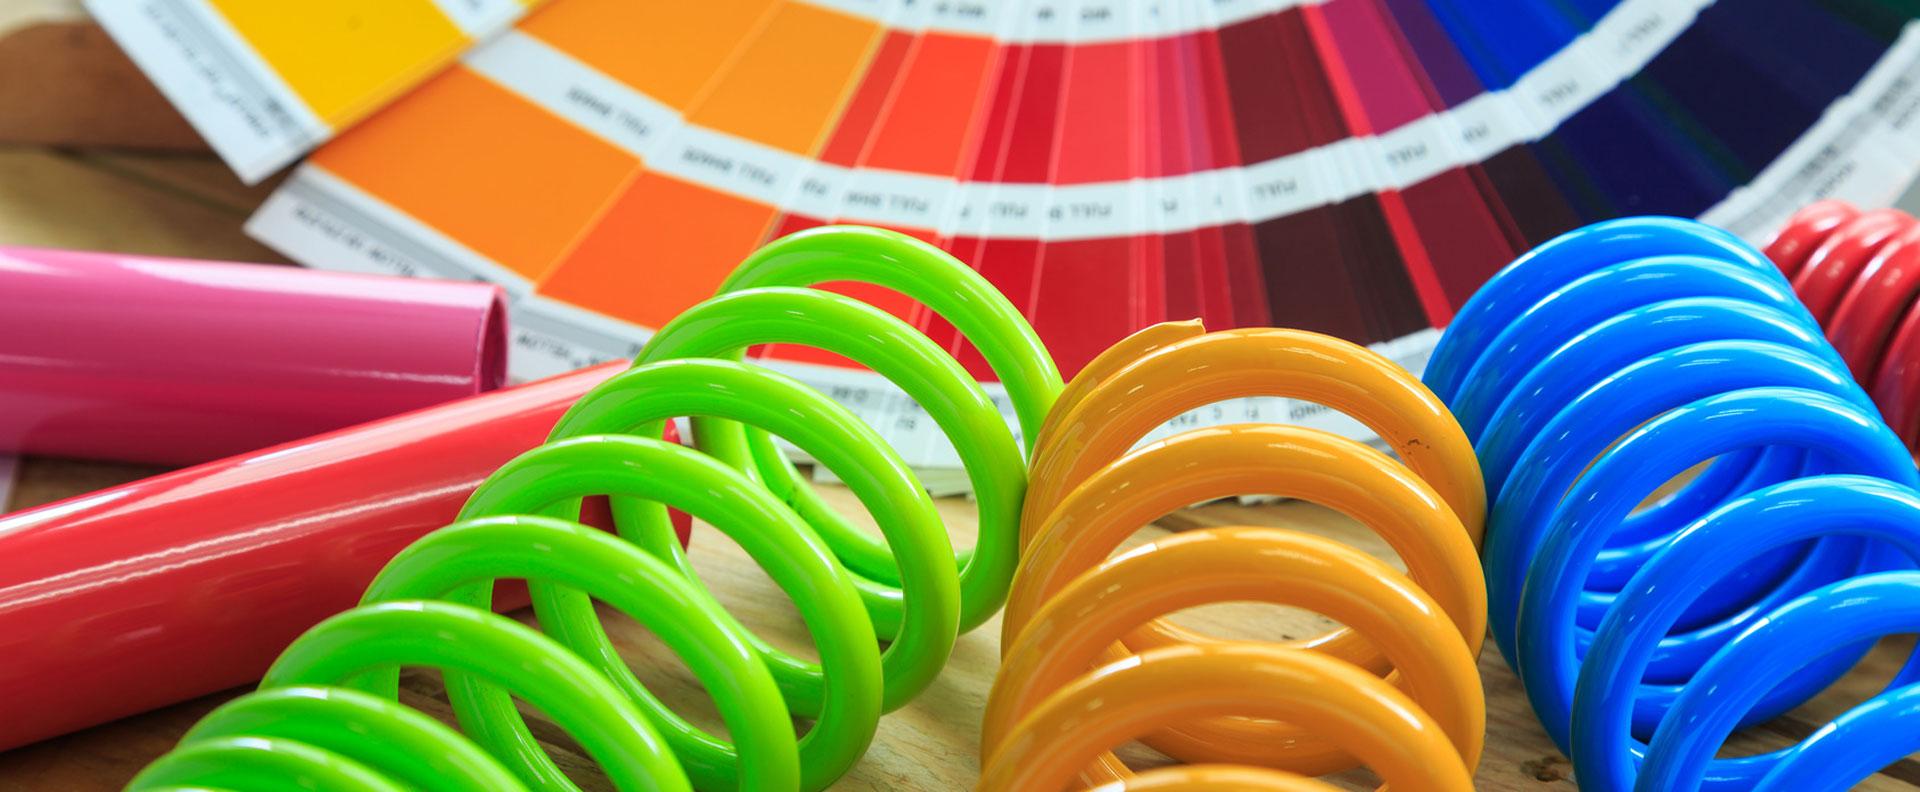 boje za plastifikaciju metala